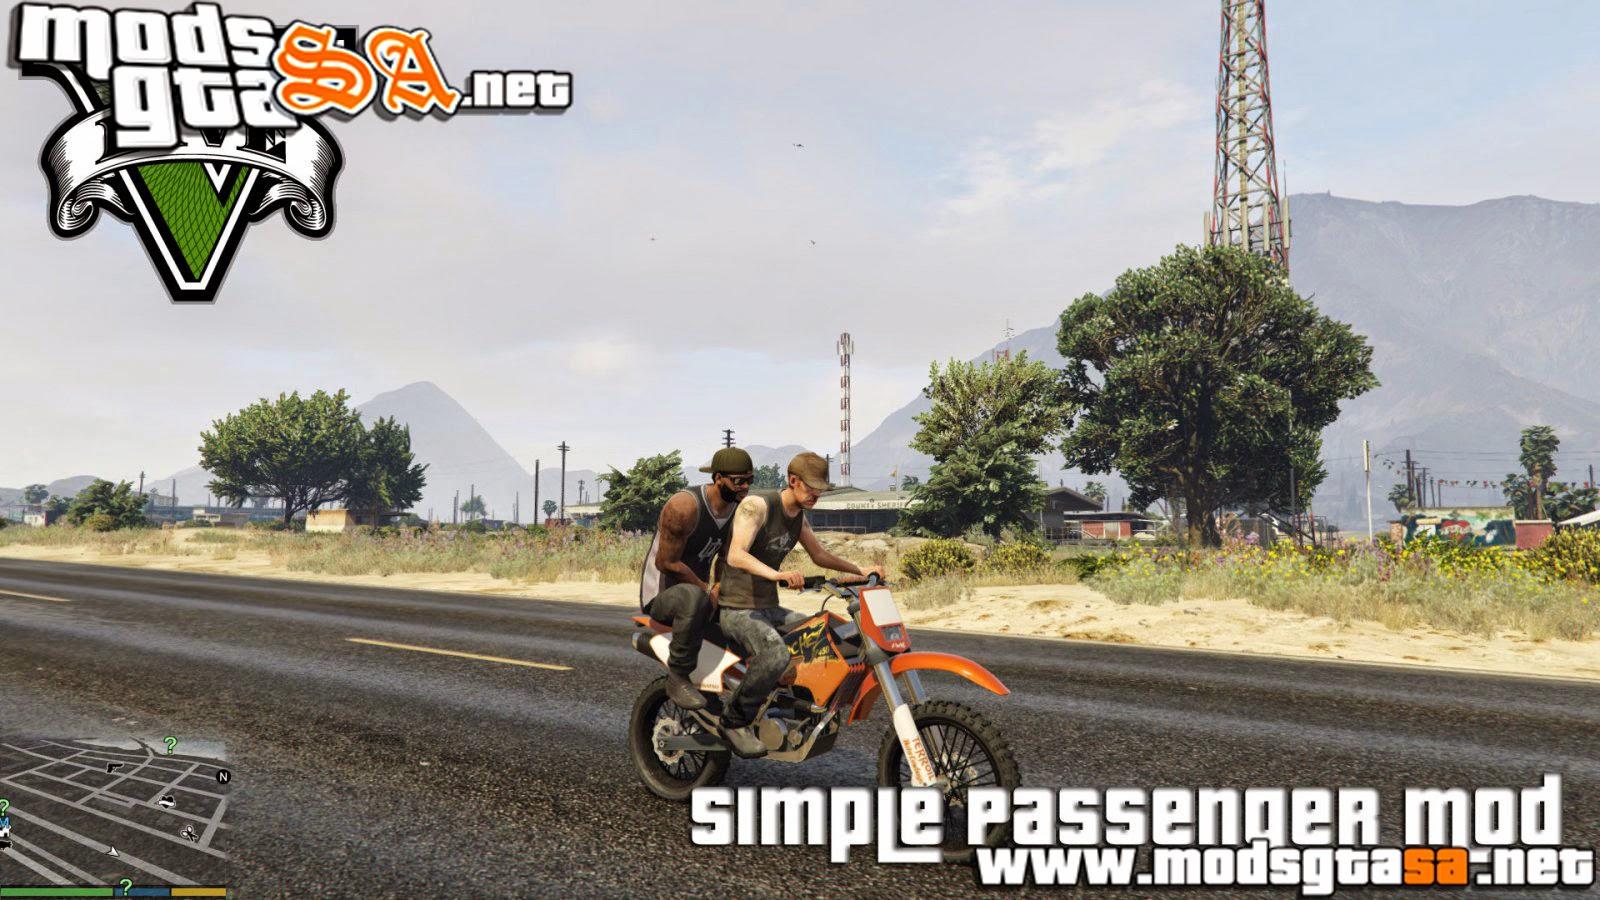 V - Mod Passageiro para GTA V PC